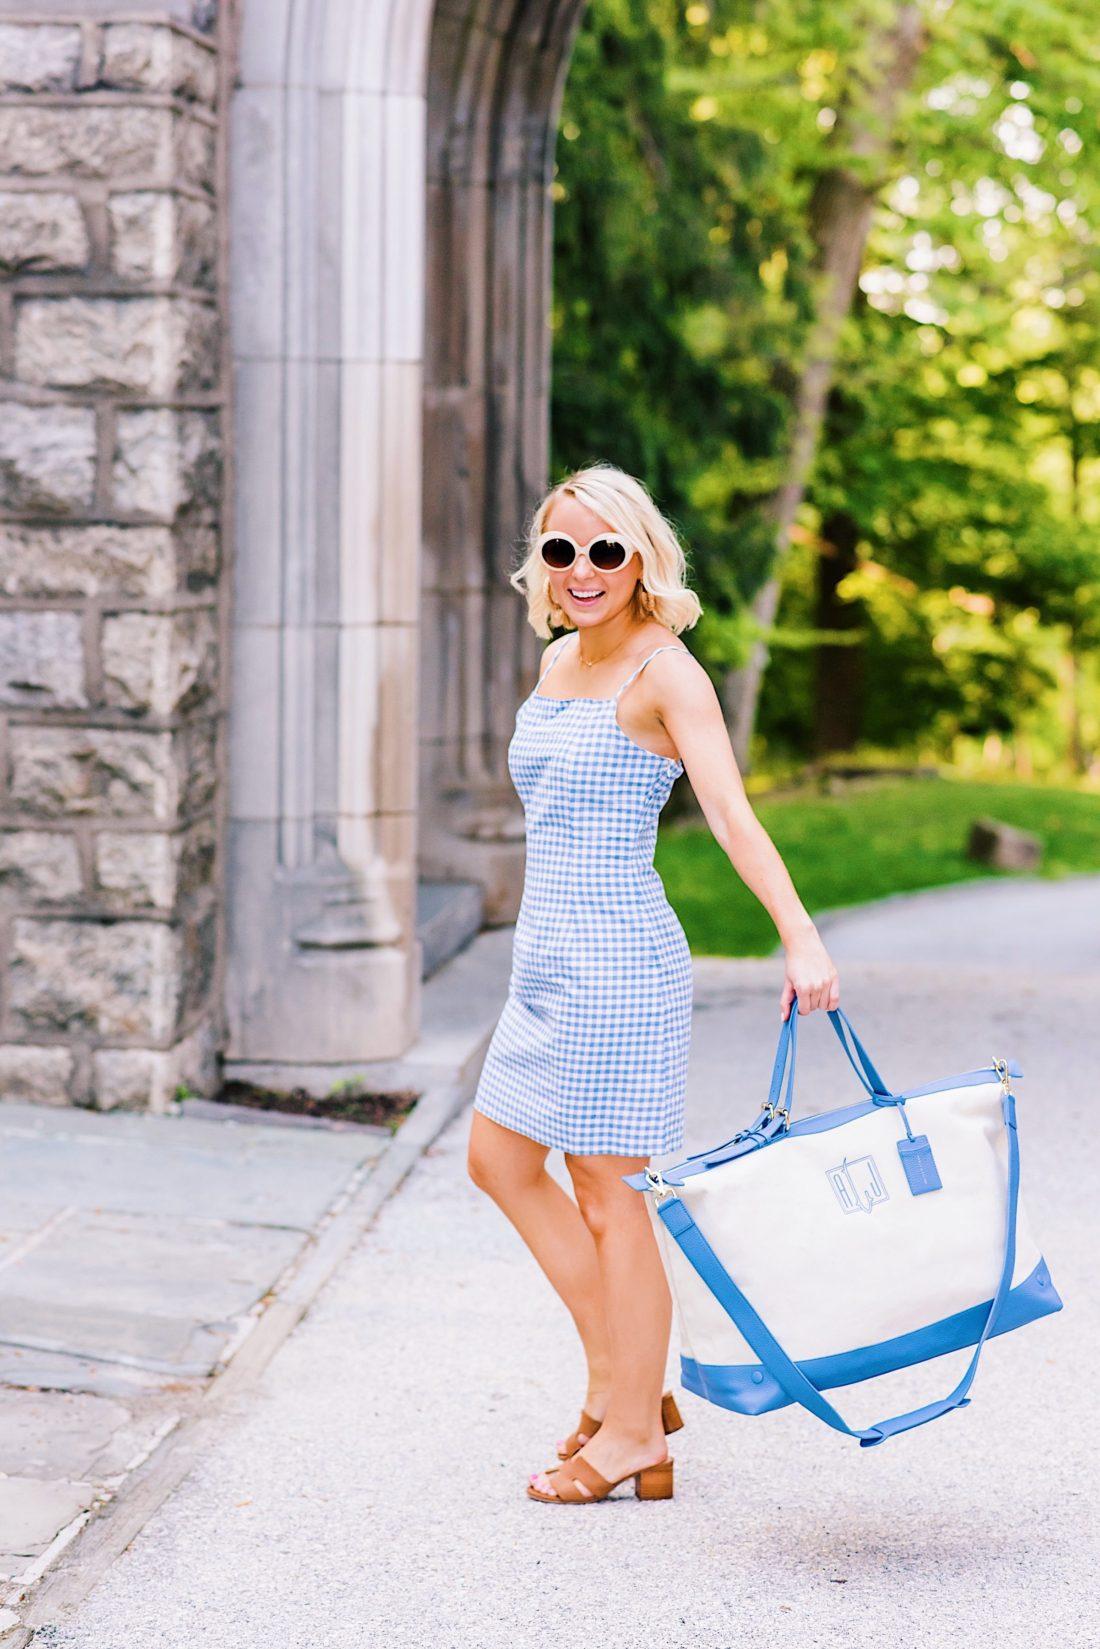 Memorial Day Weekend sales in a gingham dress and monogrammed weekender bag